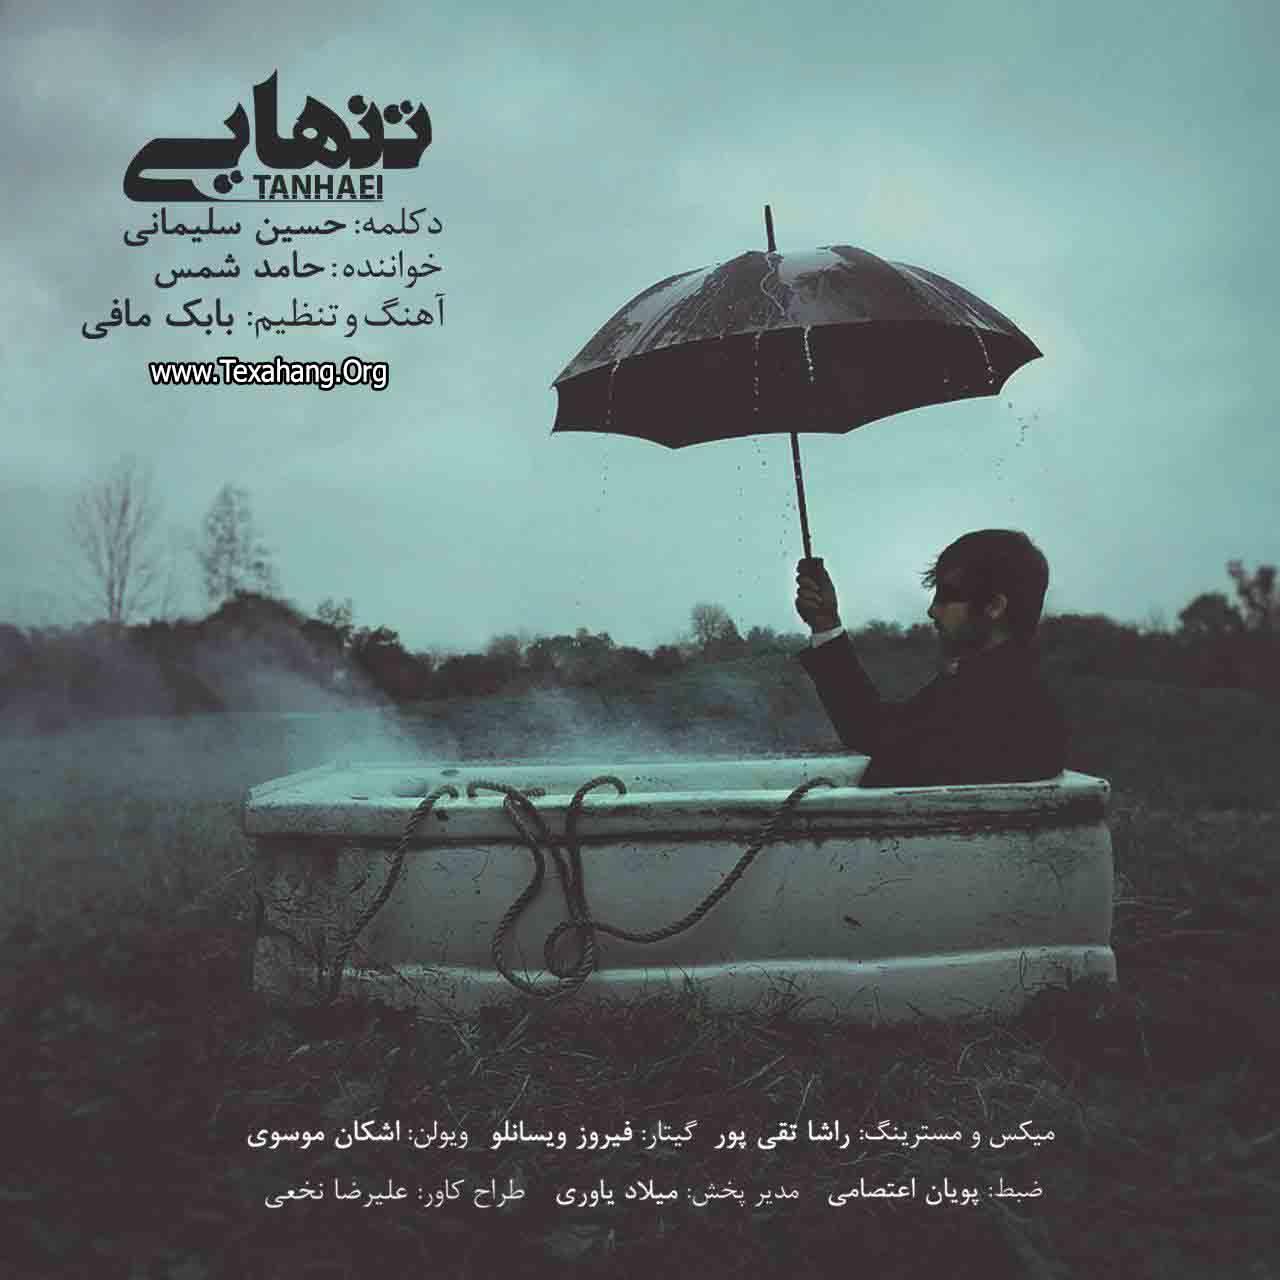 متن آهنگ تنهایی حامد شمس حسین سلیمانی